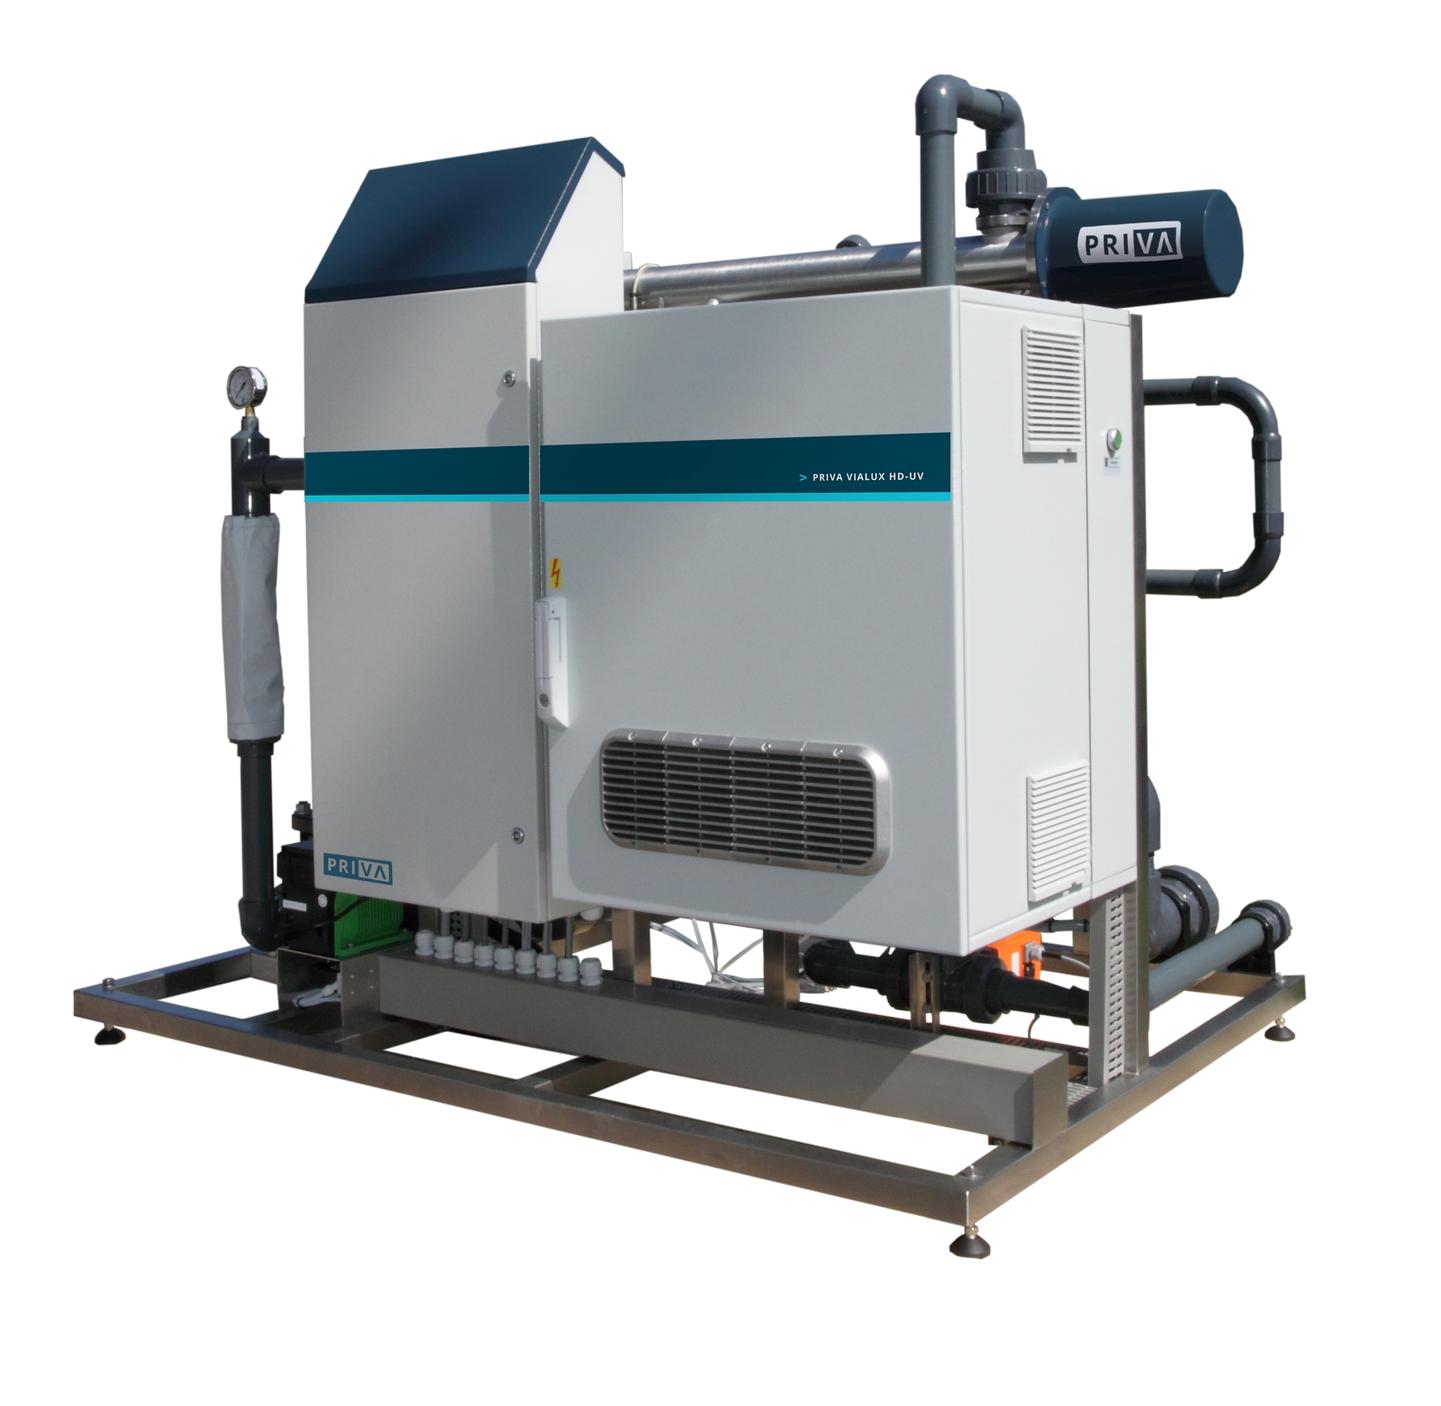 PRIVA Vialux-Line - Niedroga dezynfekcja wody światłem UV dla każdej firmy ogrodniczej: to właśnie oznacza Priva Vialux-Line. Dzięki dezynfekcji UV można osiągnąć znaczną poprawę w zakresie kontroli chorób i efektywnego zużycia wody. Woda wyładowcza może być bezpiecznie traktowana. Linia Vialux jest łatwa w obsłudze, oferuje jasny wgląd i jest gotowa na przyszłość. Systemy są certyfikowane i zapewniają 99,9% dezynfekcji i co najmniej 95% degradacji środków ochrony roślin.